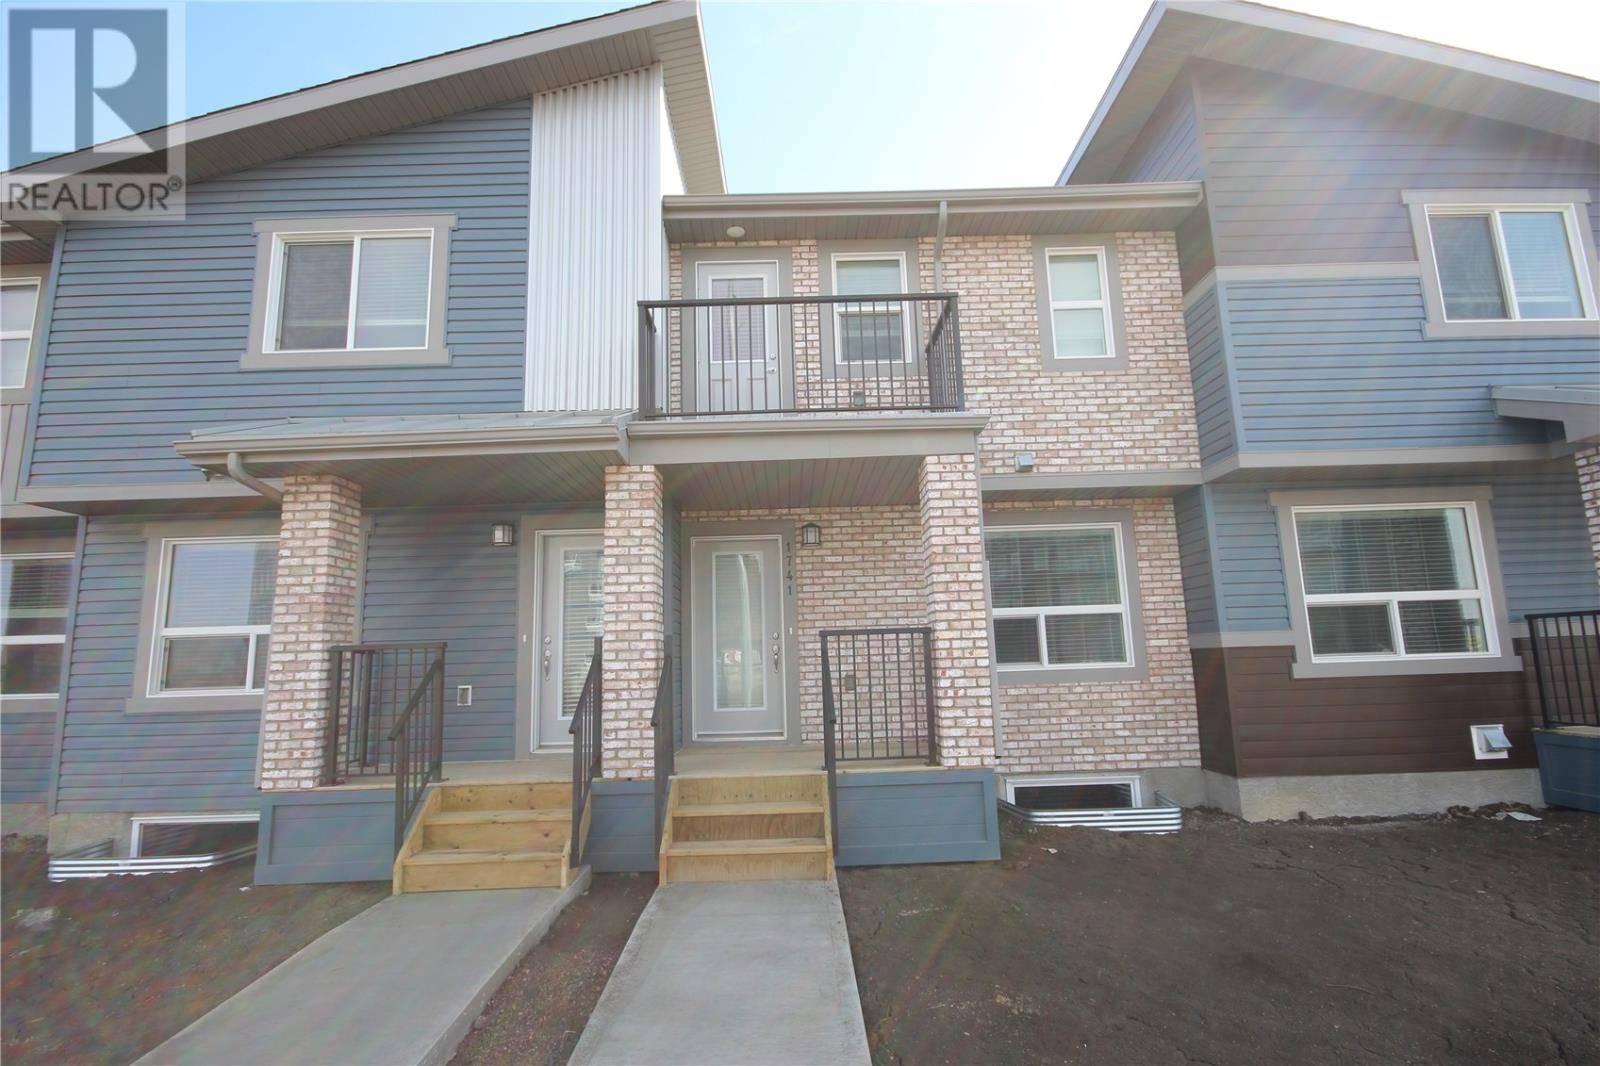 Townhouse for sale at 1741 Red Spring St Regina Saskatchewan - MLS: SK763860